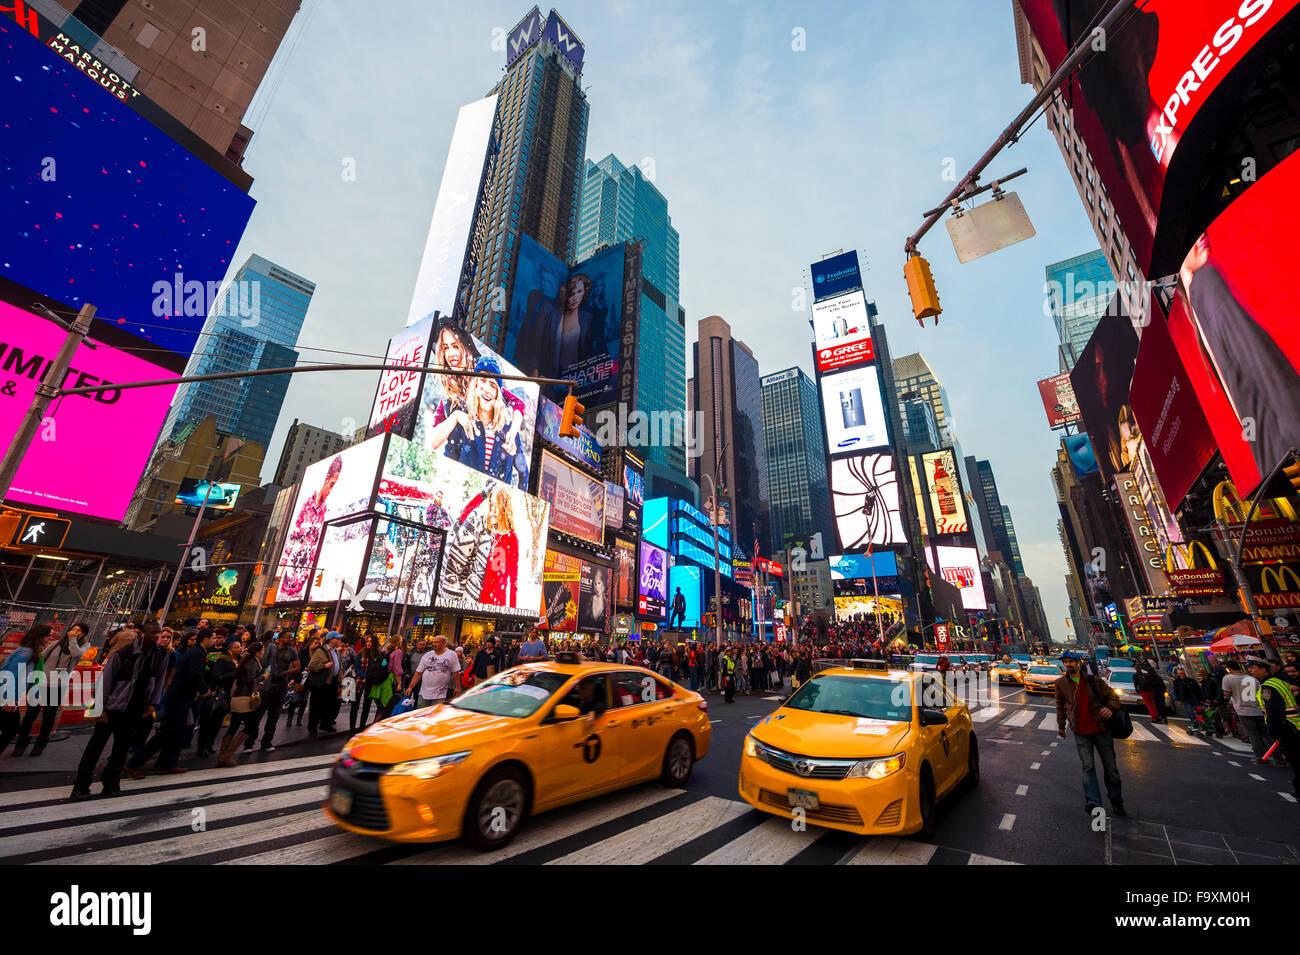 La città di NEW YORK, Stati Uniti d'America - 13 dicembre 2015: segnaletica luminosa lampeggia durante Immagini Stock